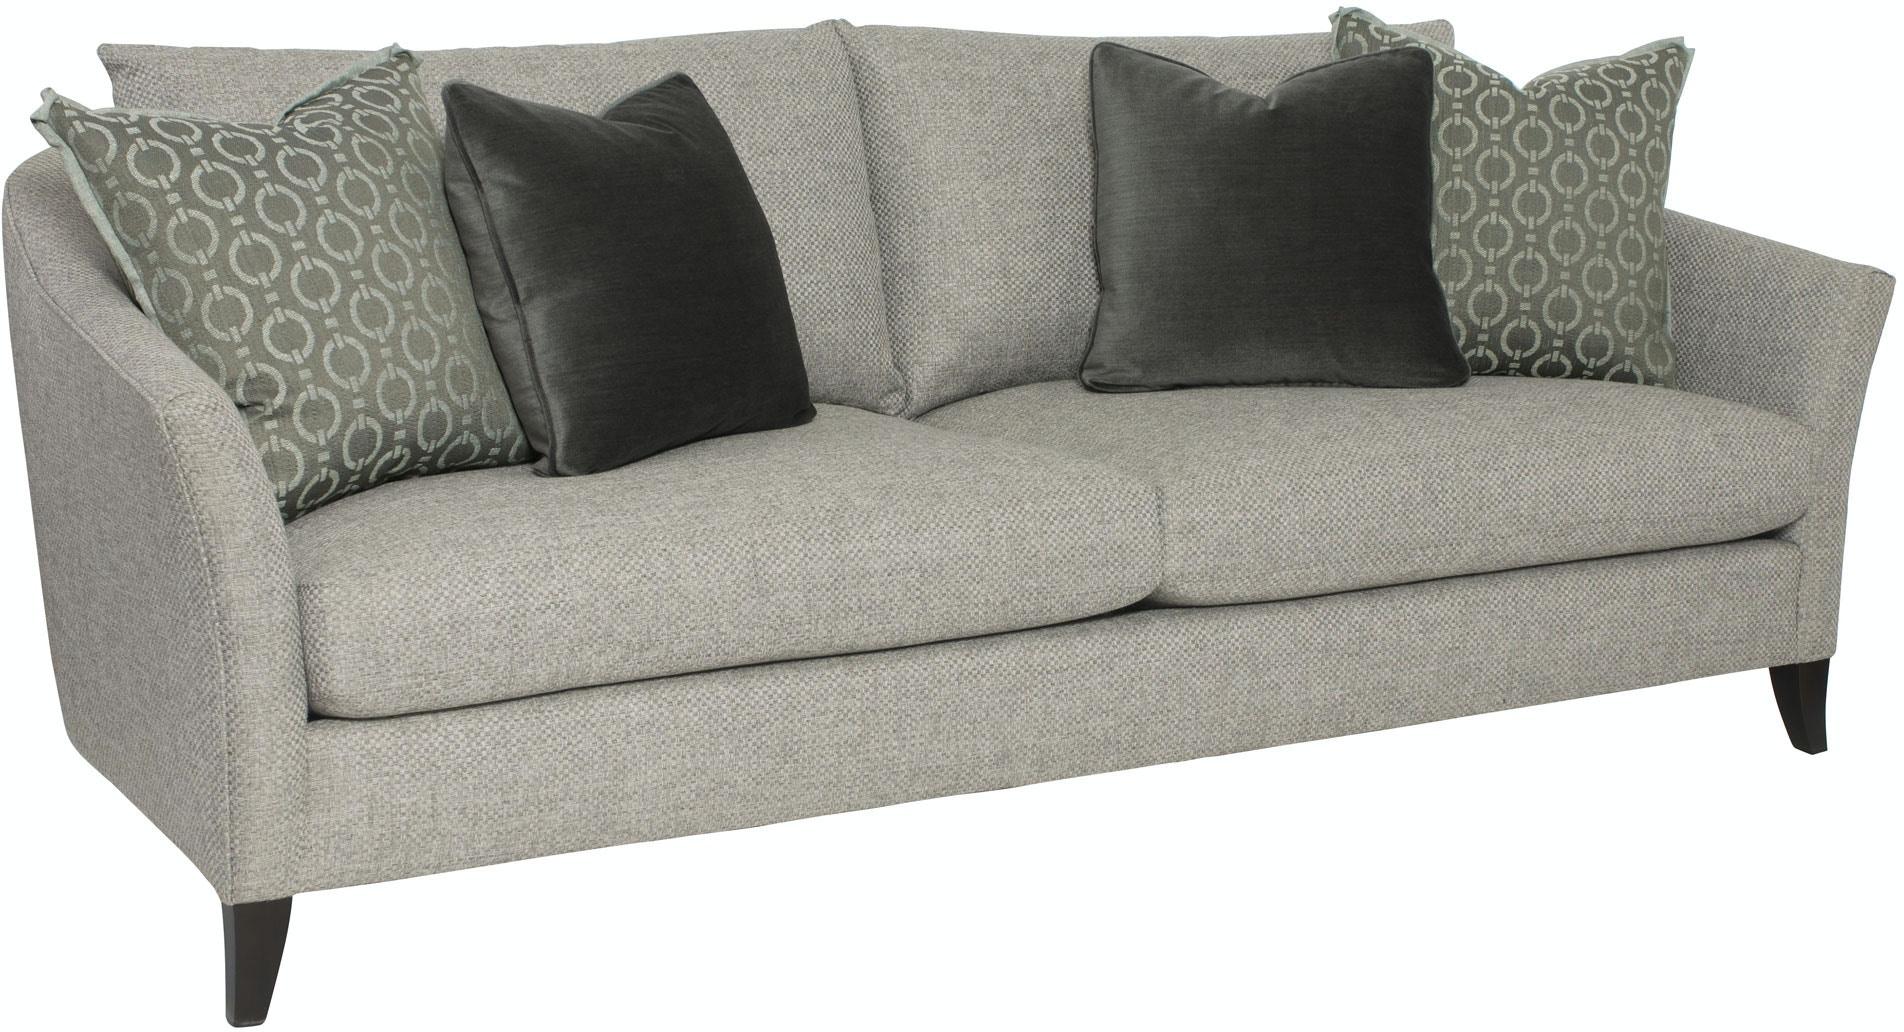 Bernhardt Furniture B8827 Living Room Claiborne Sofa